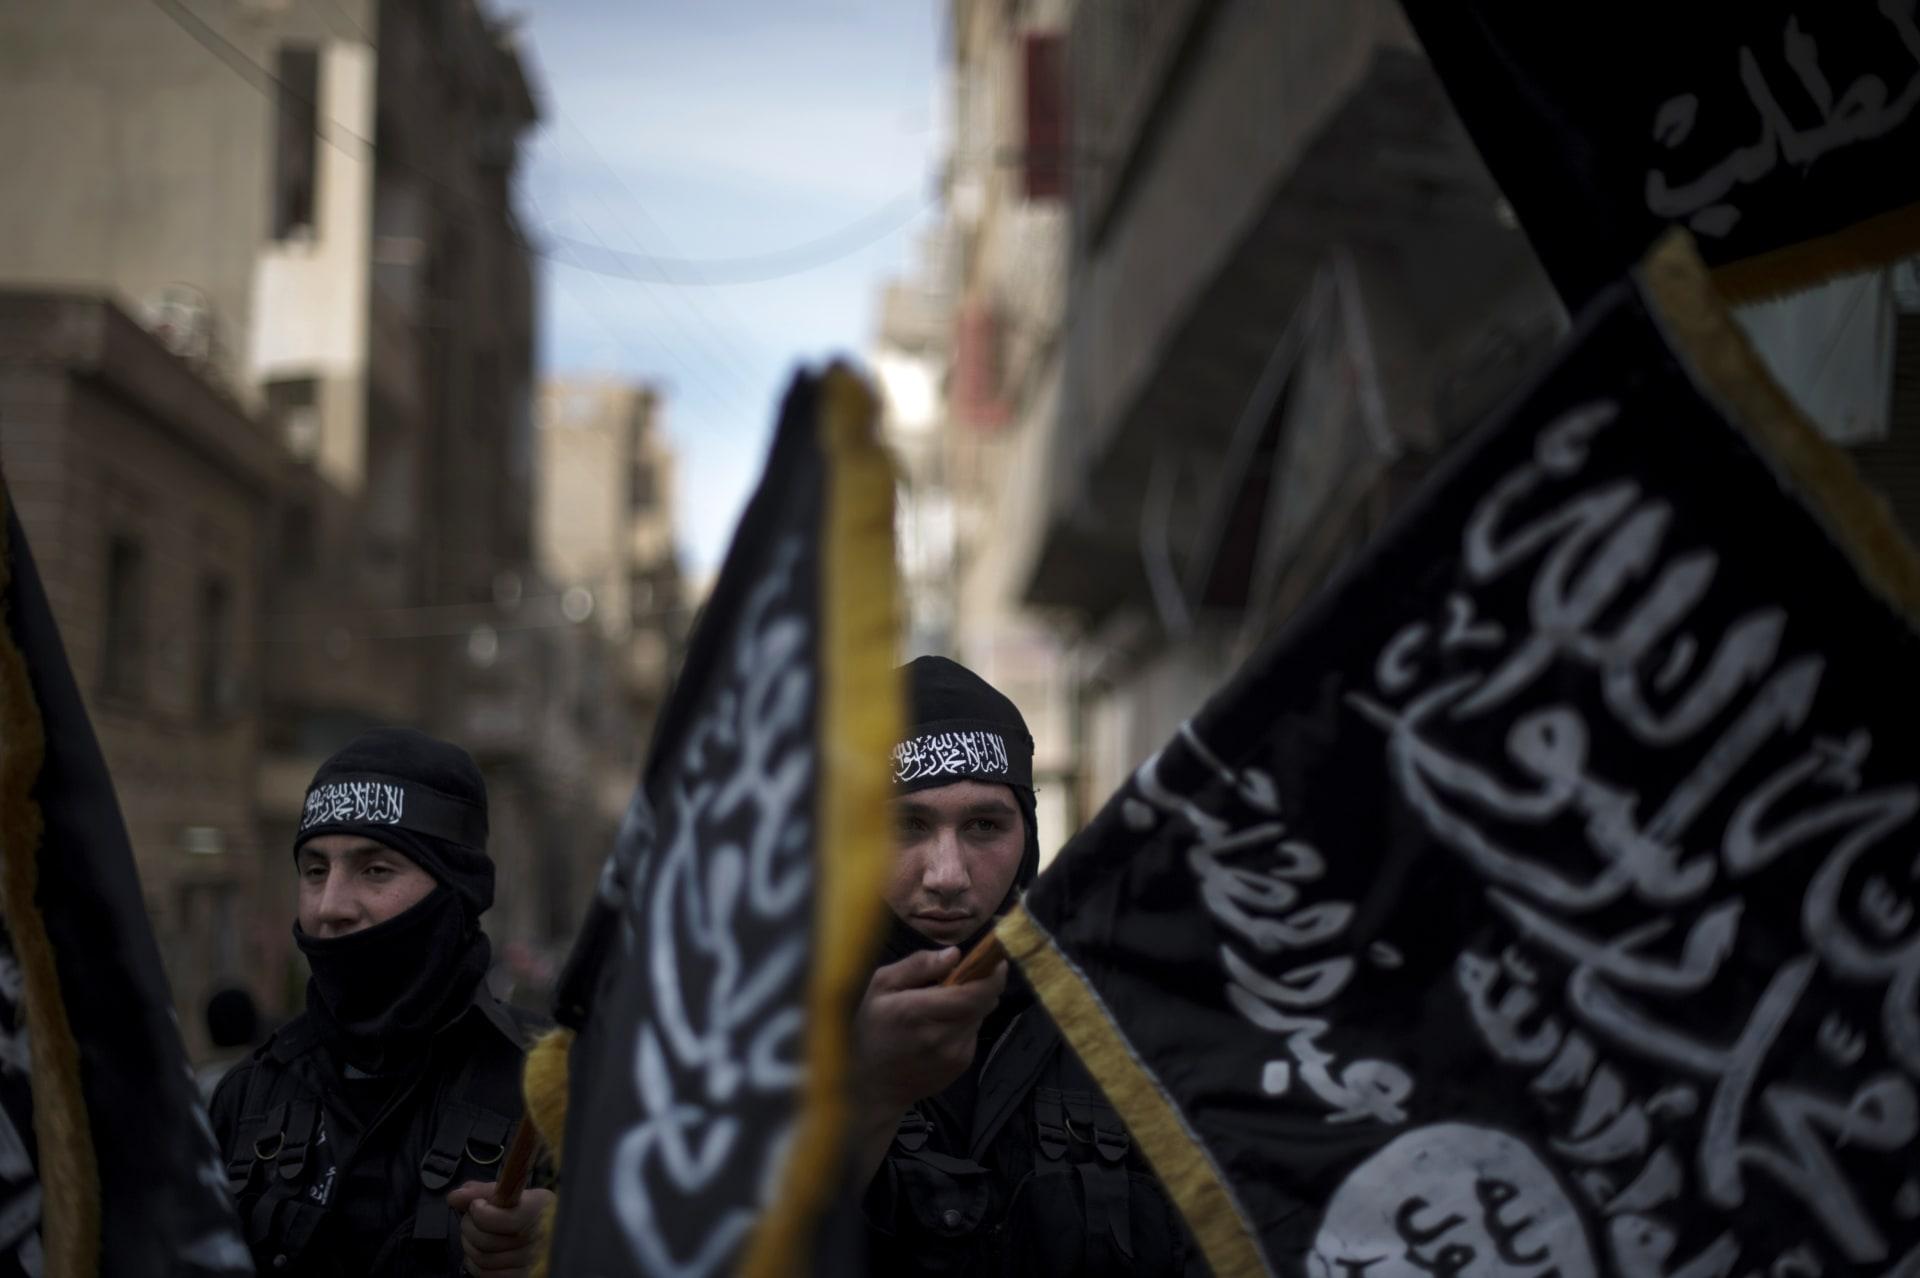 """زعيم """"داعش"""" أبوبكر البغدادي يطلب الهدنة  """"للتفرغ للأعداء"""""""